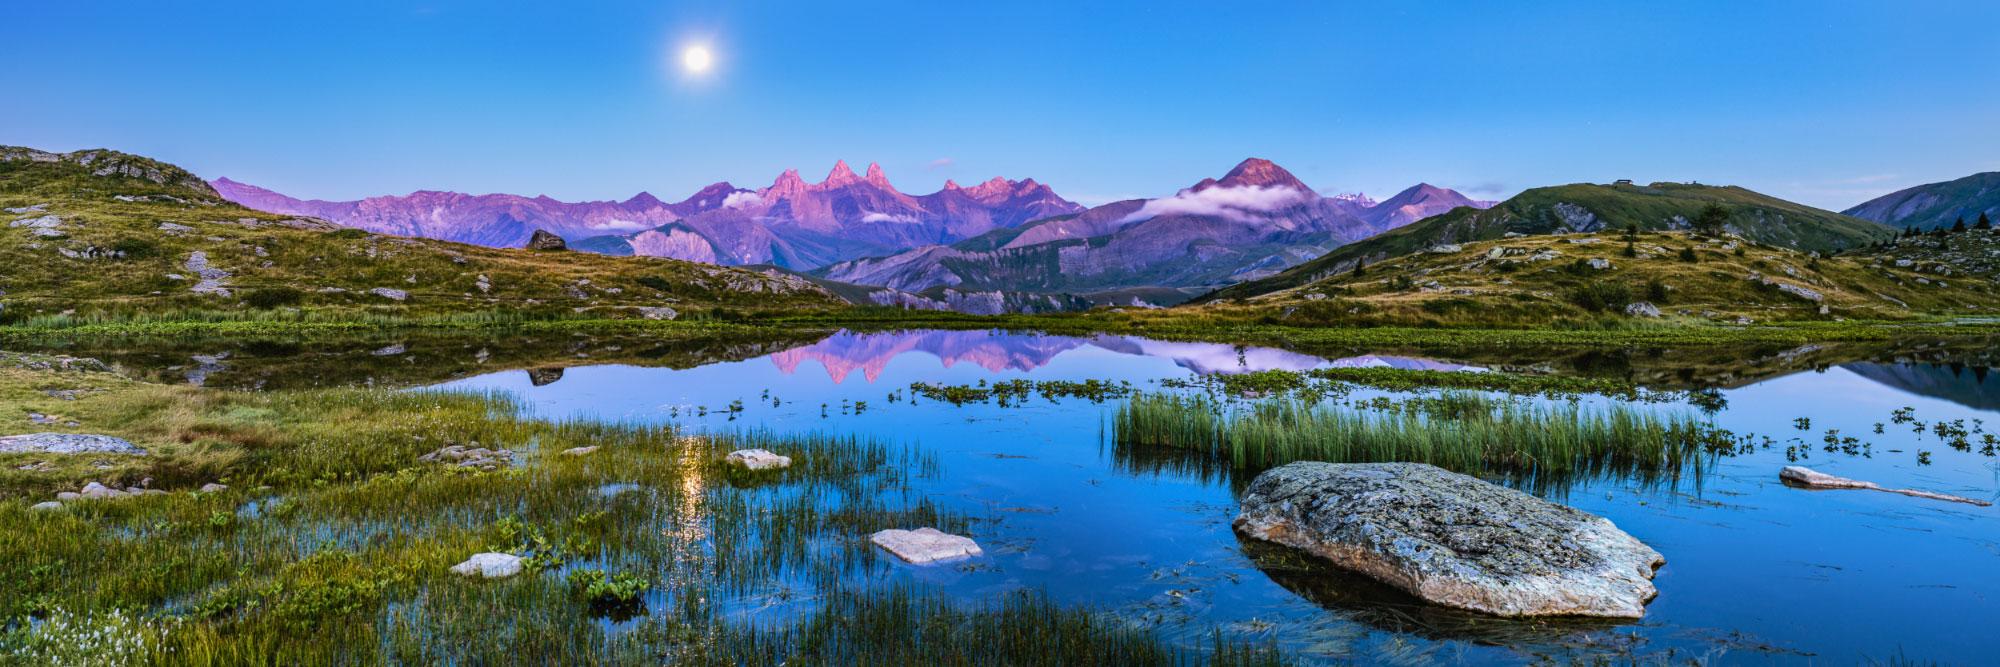 Aiguilles d'Arves se reflétant sur le lac Guichard (Grandes Rousses)